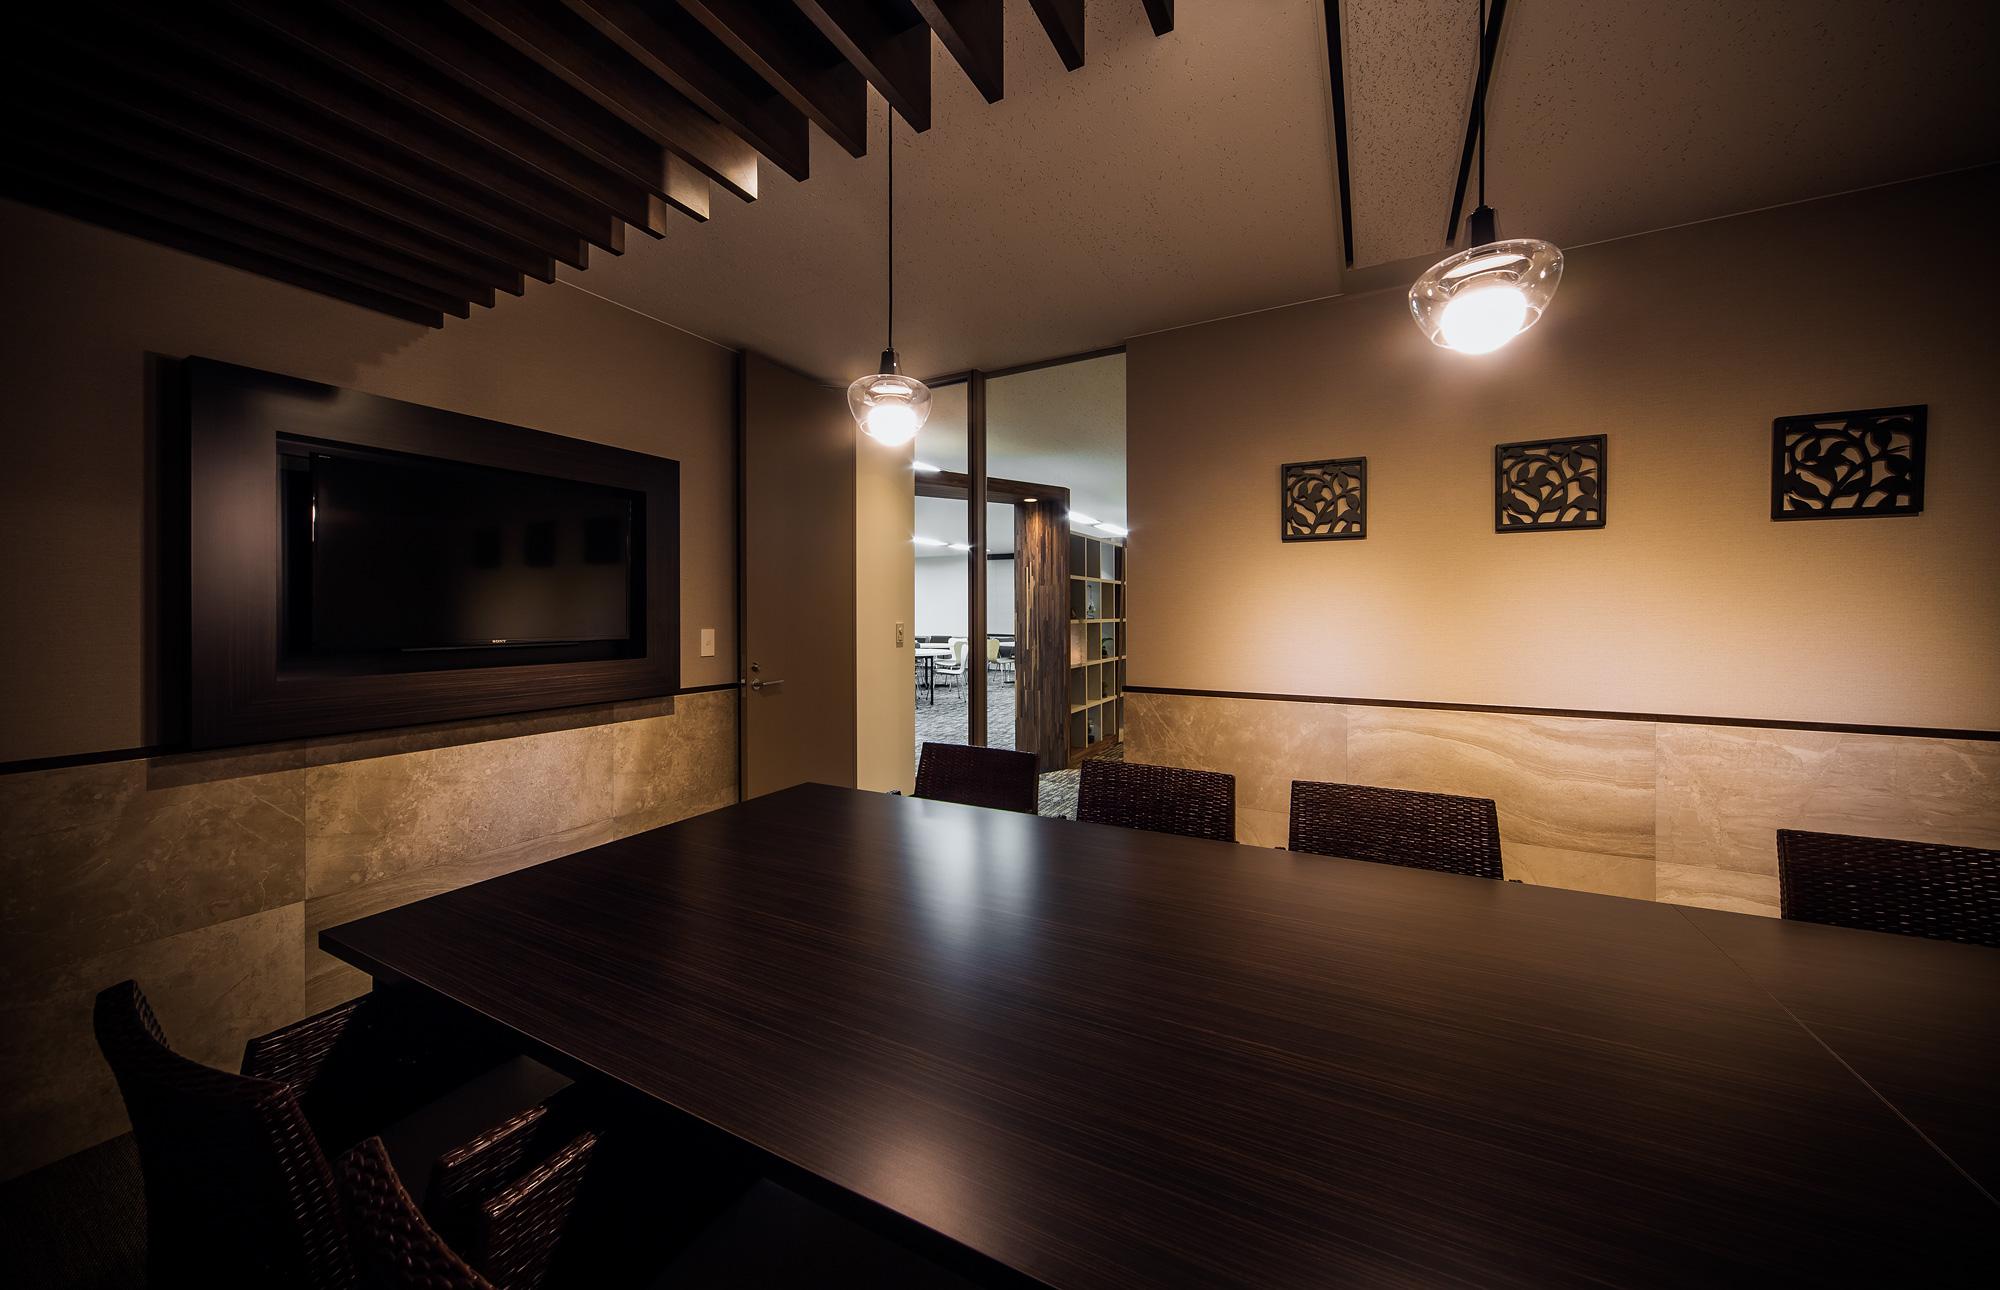 会議室: 高級リゾートをテーマとしたインテリアです。各会議室にテーマを持たせてデザインすることで、シーンに合わせたミーティングができます